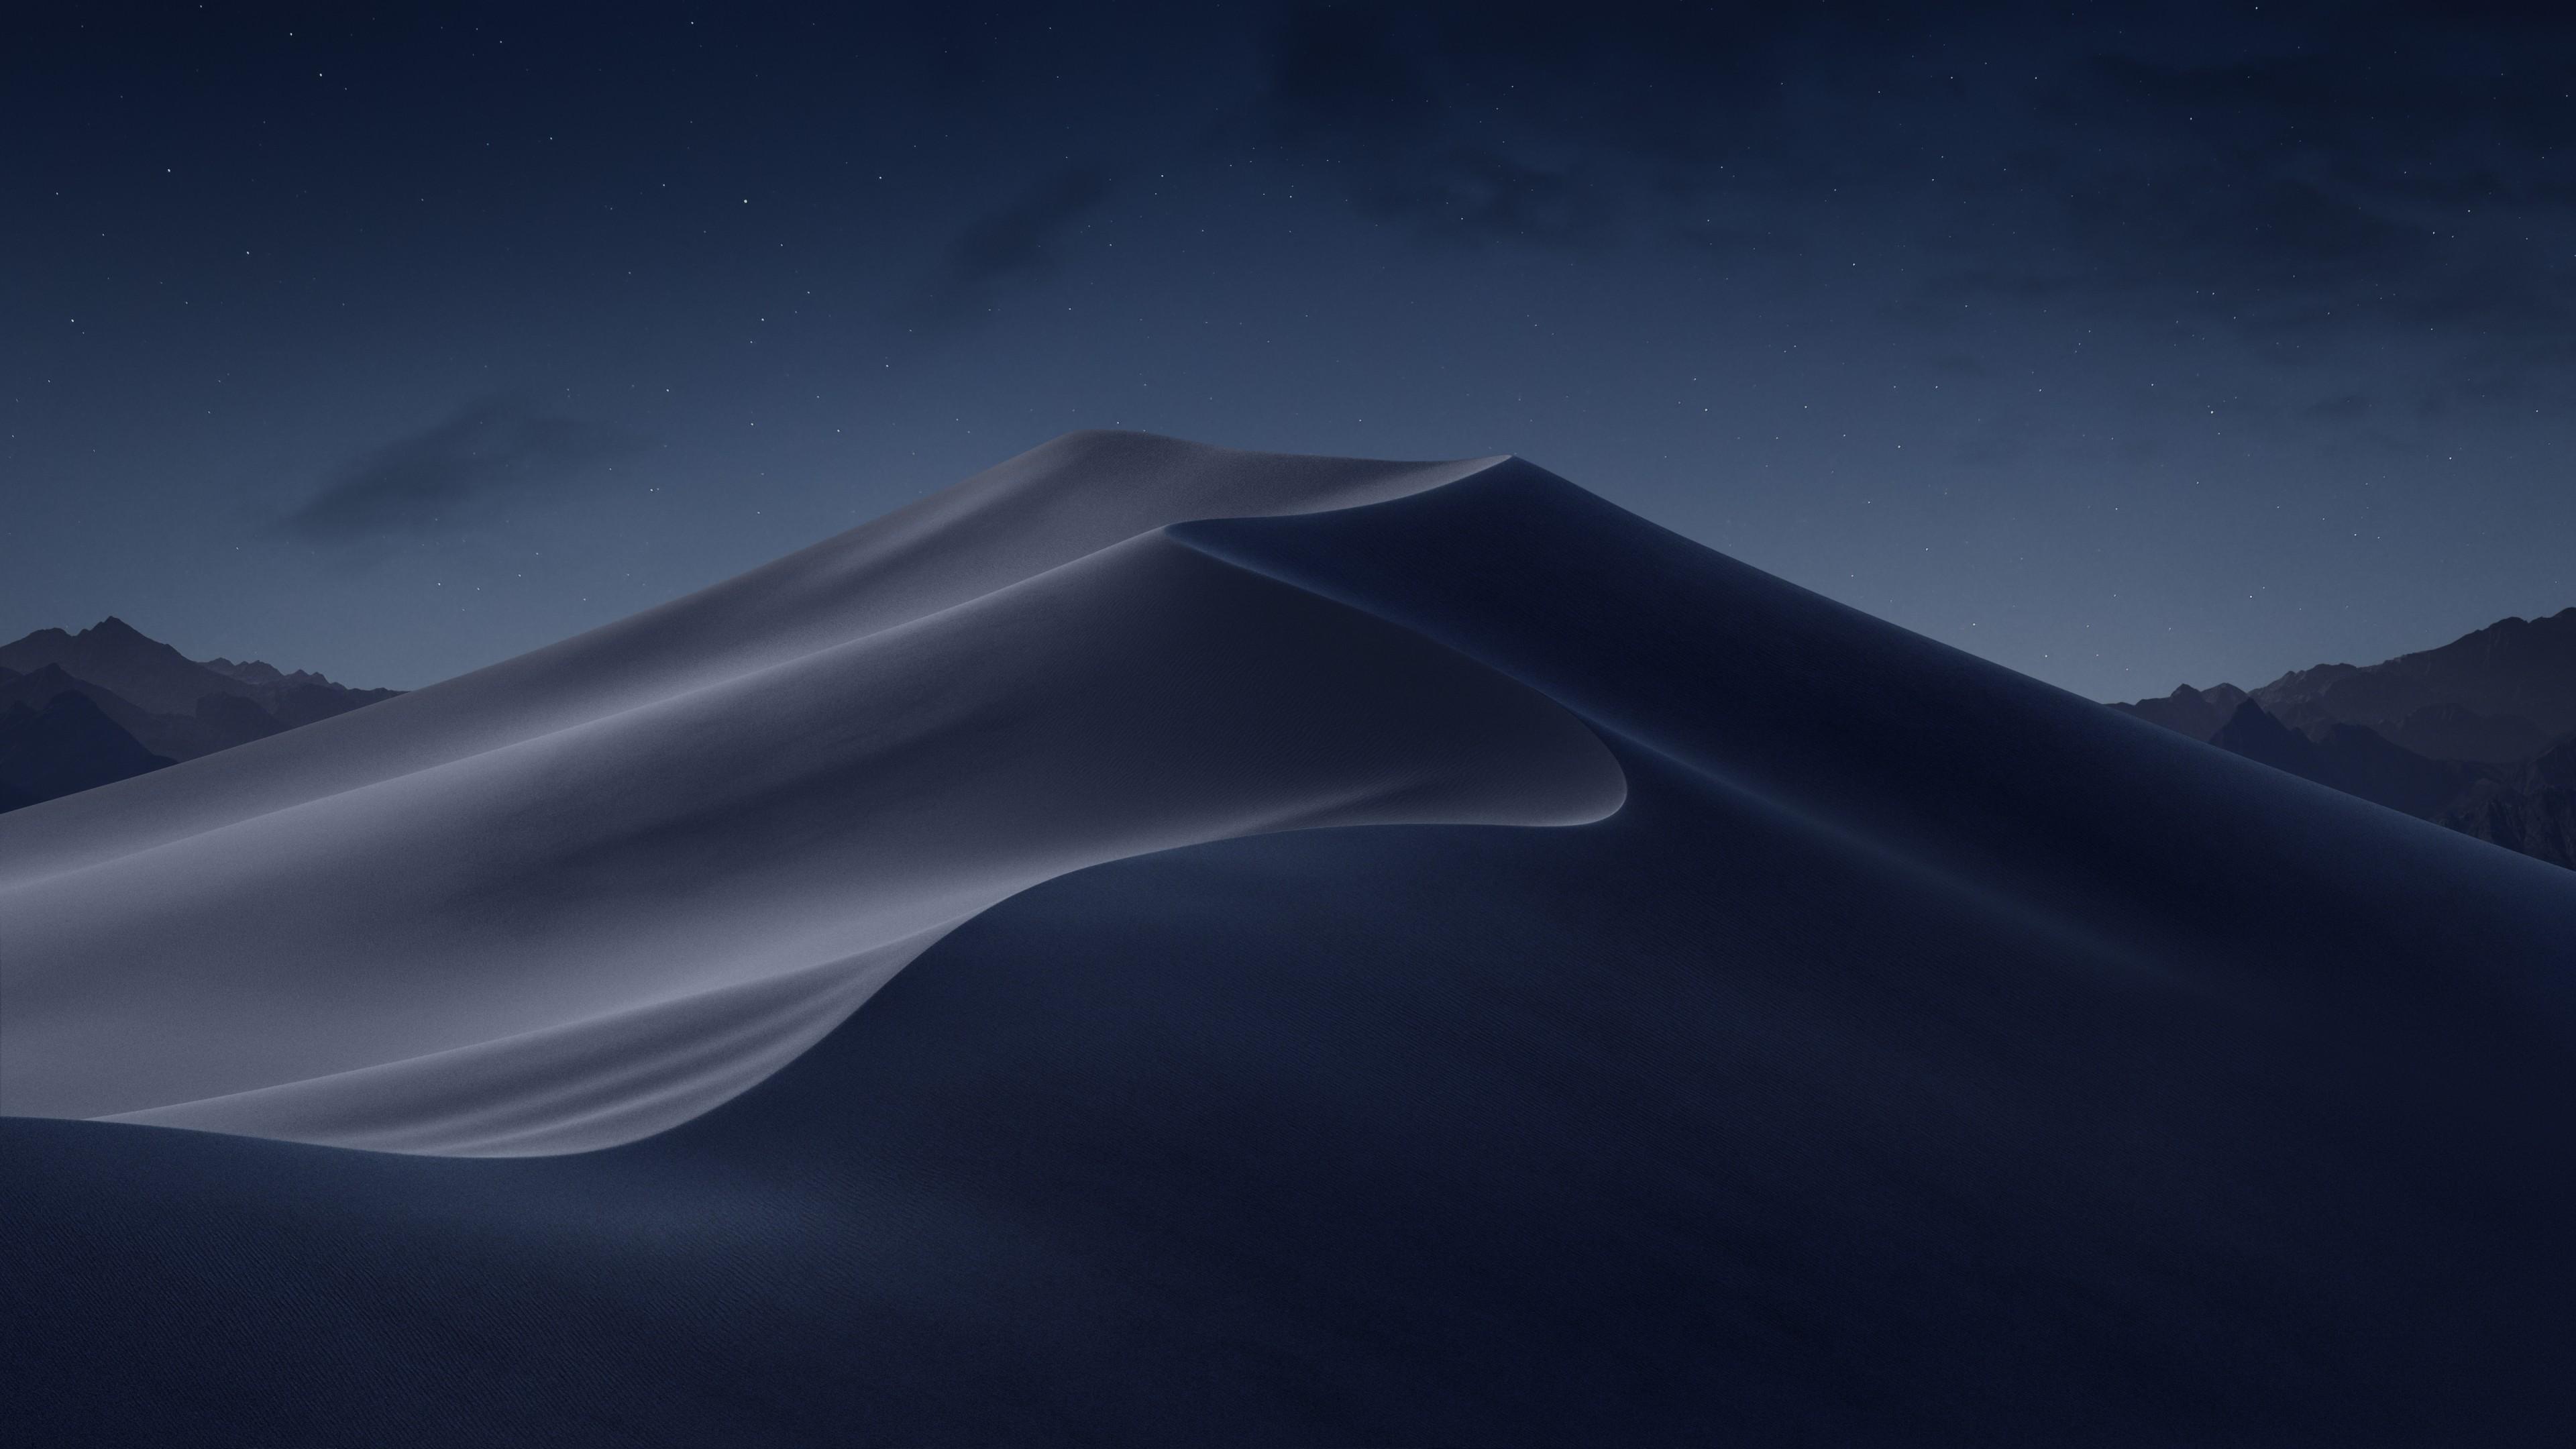 Рельефные барханы в виде серпа над ночным небом с россыпью звезд